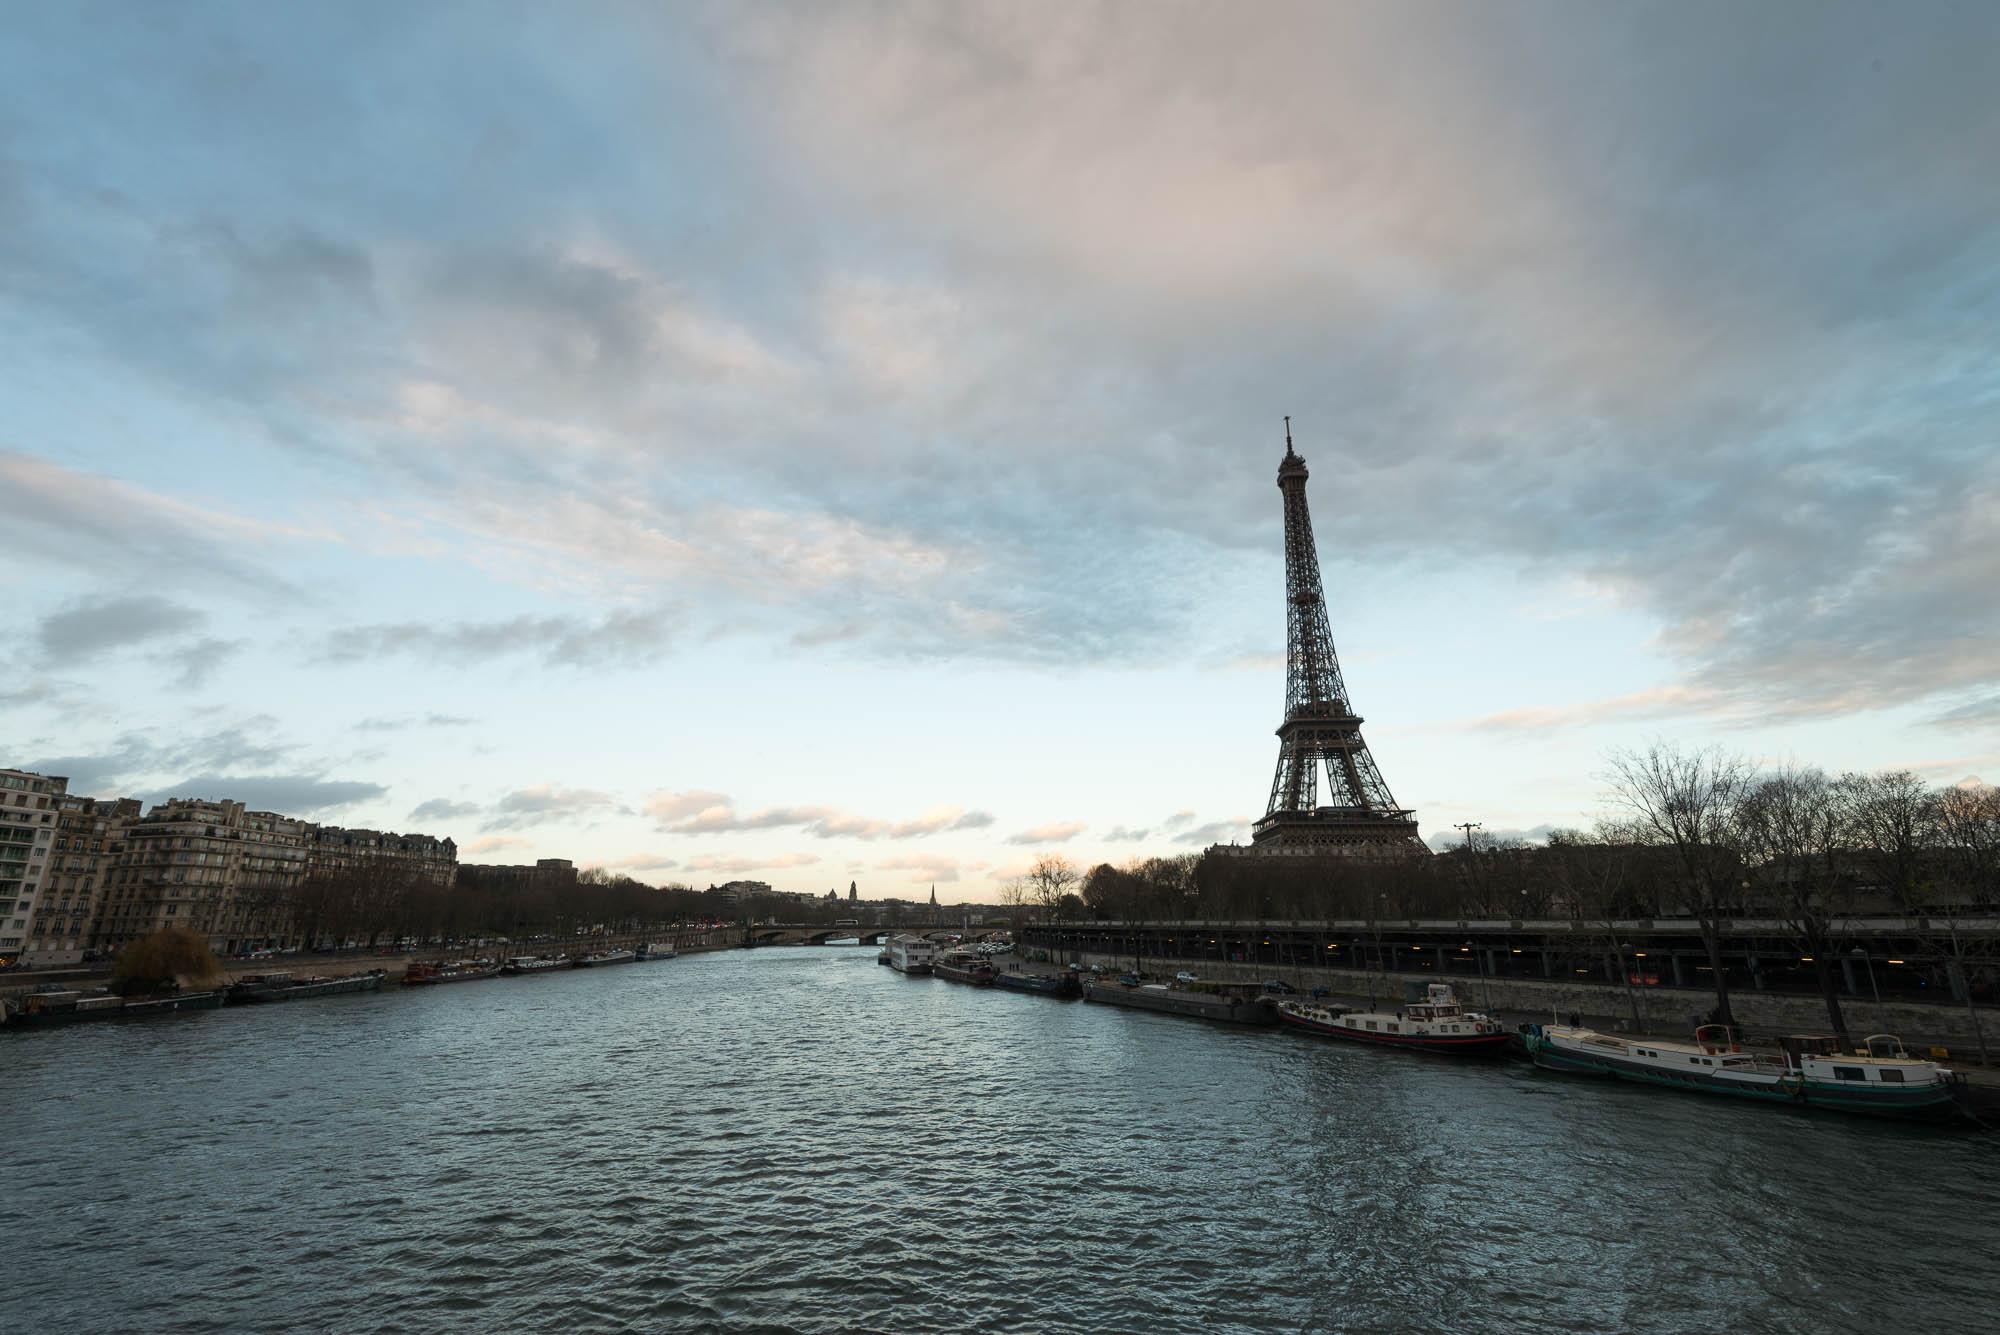 La Seine et la Tour Eiffel - sans filtre - 16mm, 1/30s f/11, ISO 100 - © Damien Roué